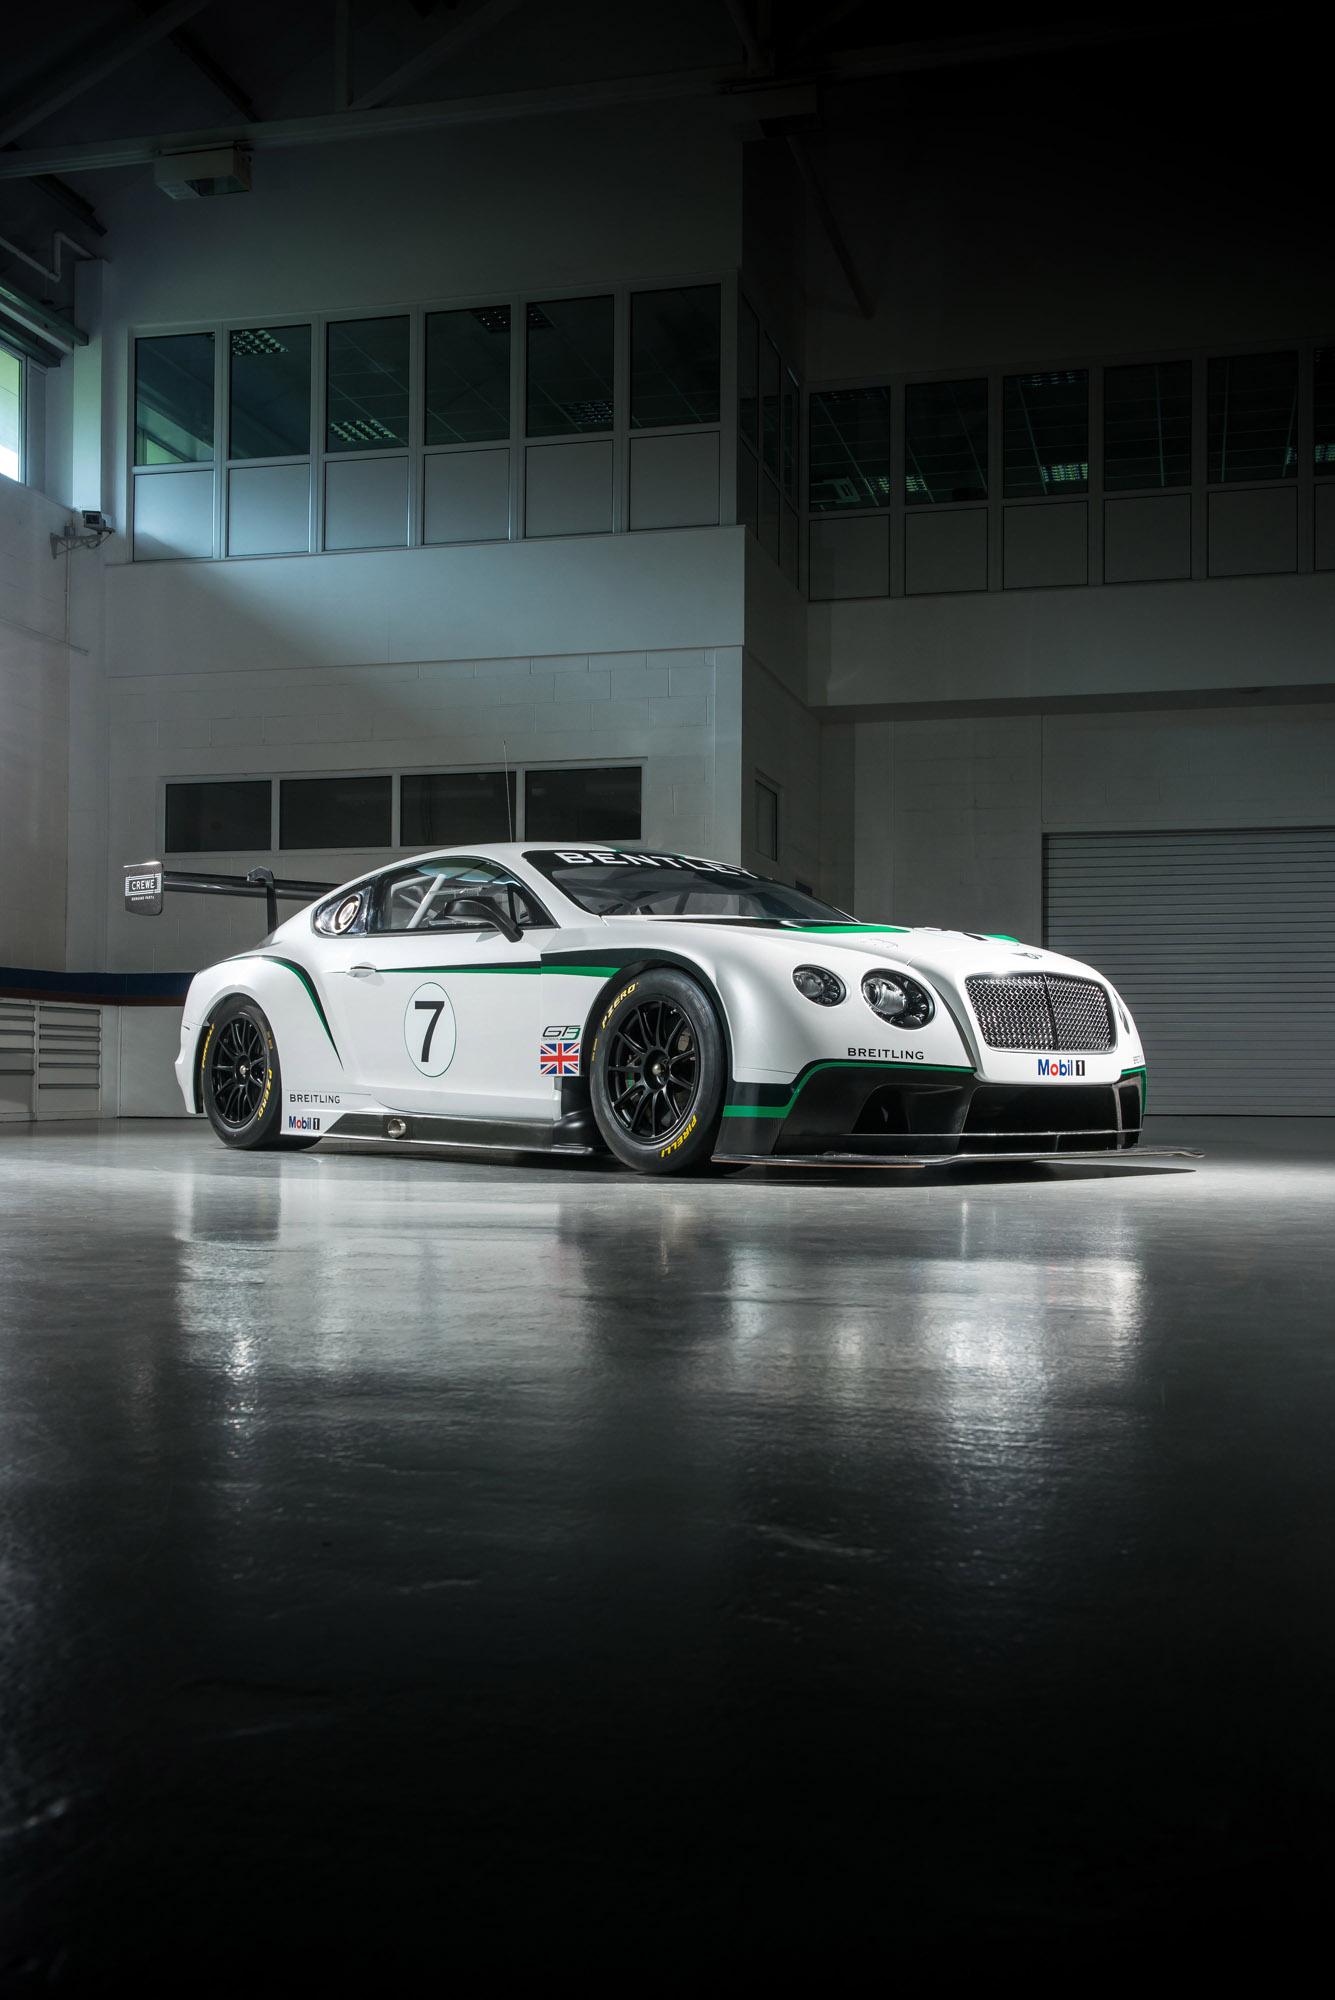 Bentley Continental Gt3 Race Car Full Specs